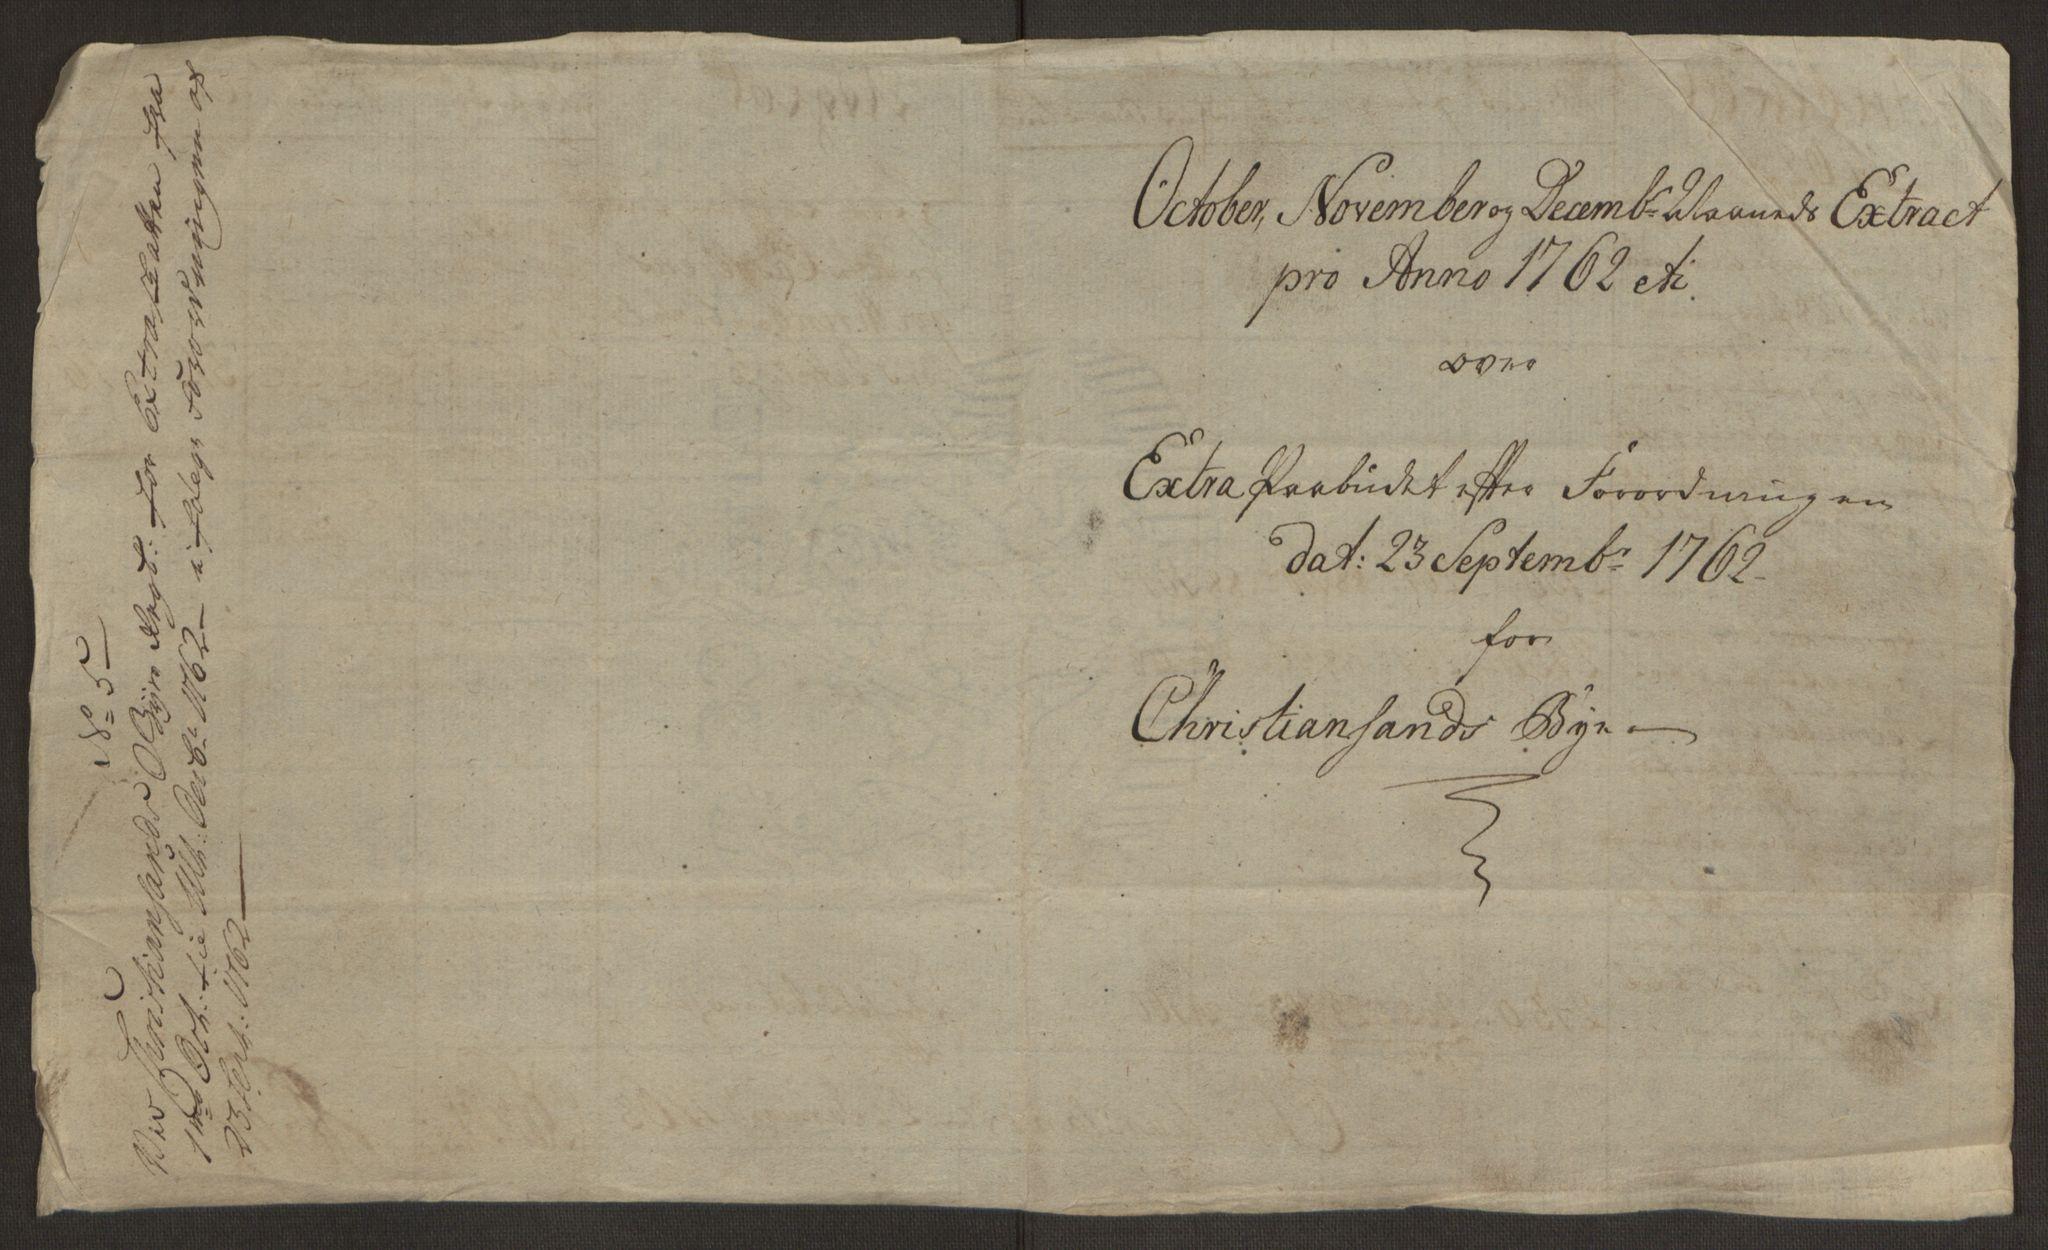 RA, Rentekammeret inntil 1814, Reviderte regnskaper, Byregnskaper, R/Rm/L0265: [M6] Kontribusjonsregnskap, 1762-1764, s. 69